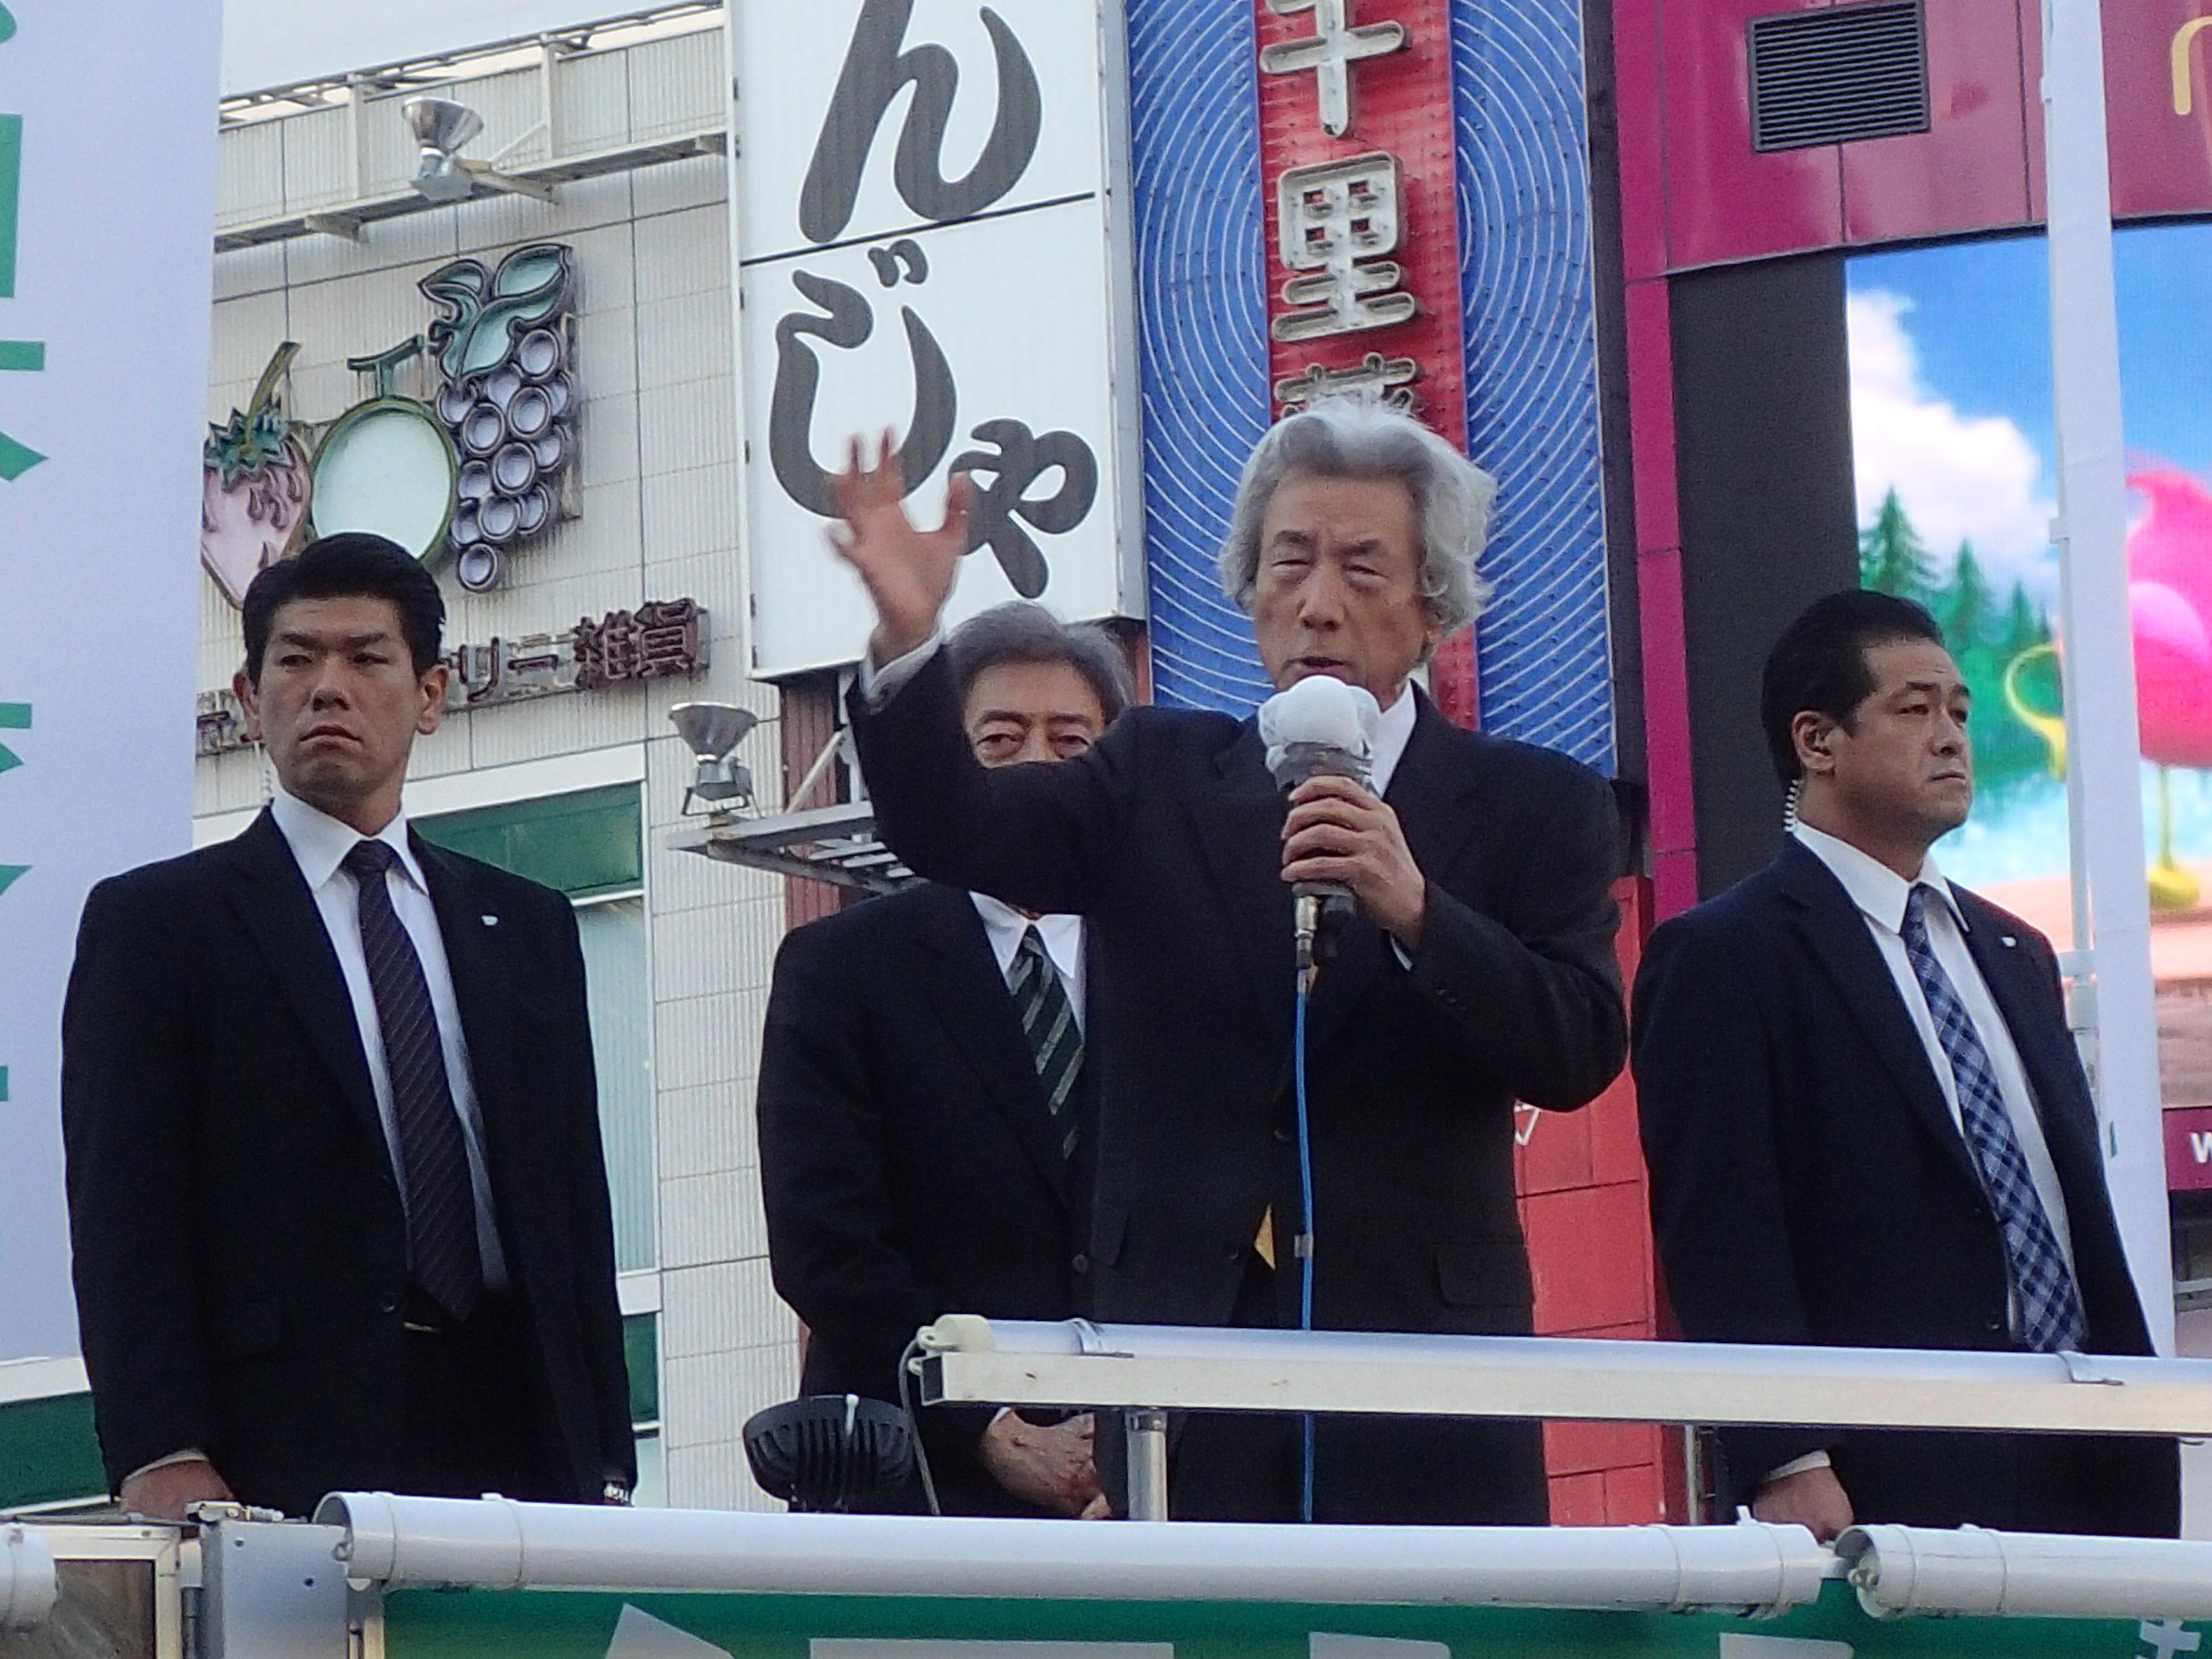 小泉劇場再び 「小泉純一郎さんの応援演説」を聞いて